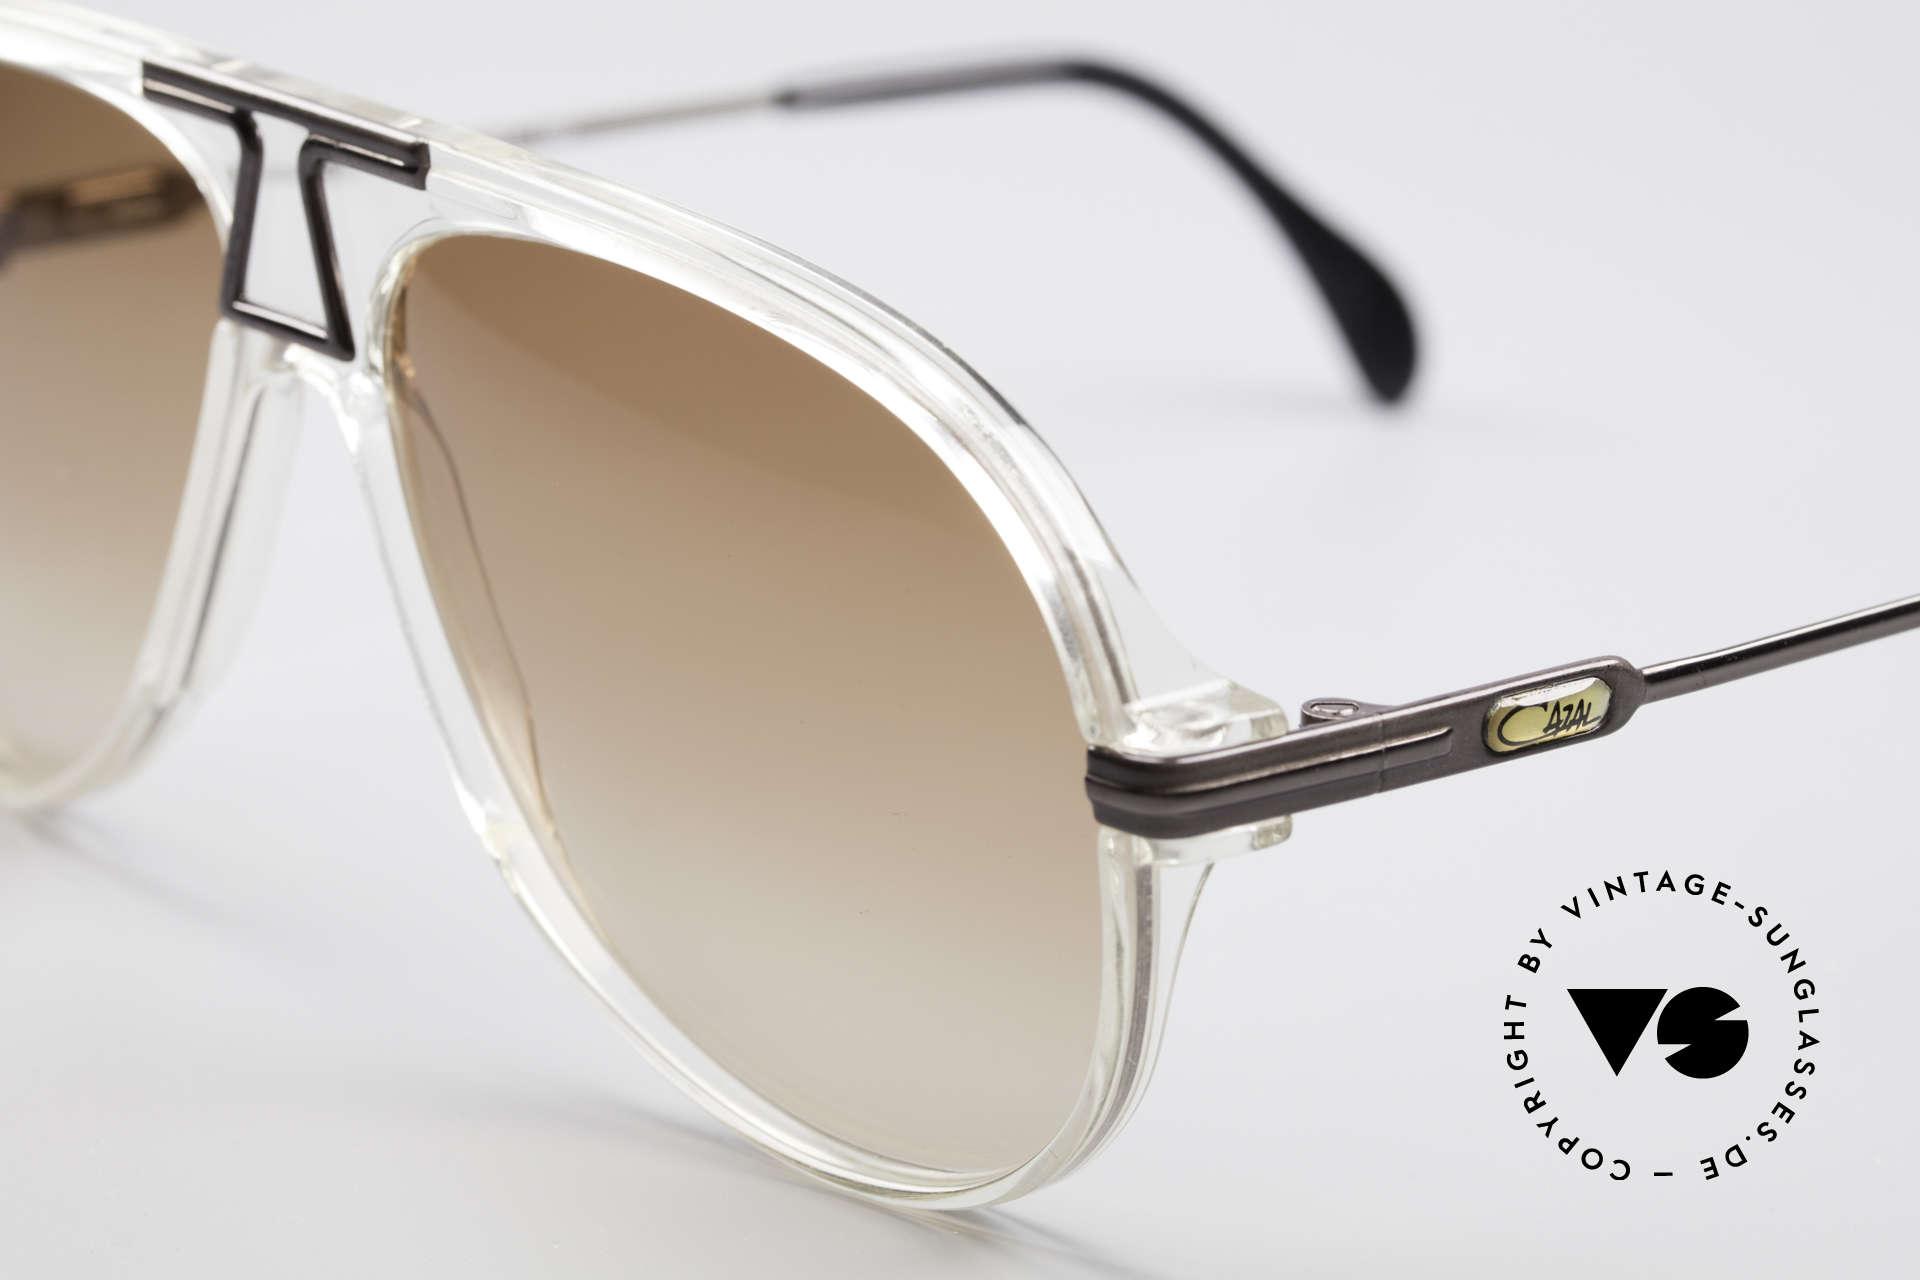 Cazal 622 Vintage Piloten Sonnenbrille, ungetragen, NOS (wie alle unsere alten Cazal Unikate), Passend für Herren